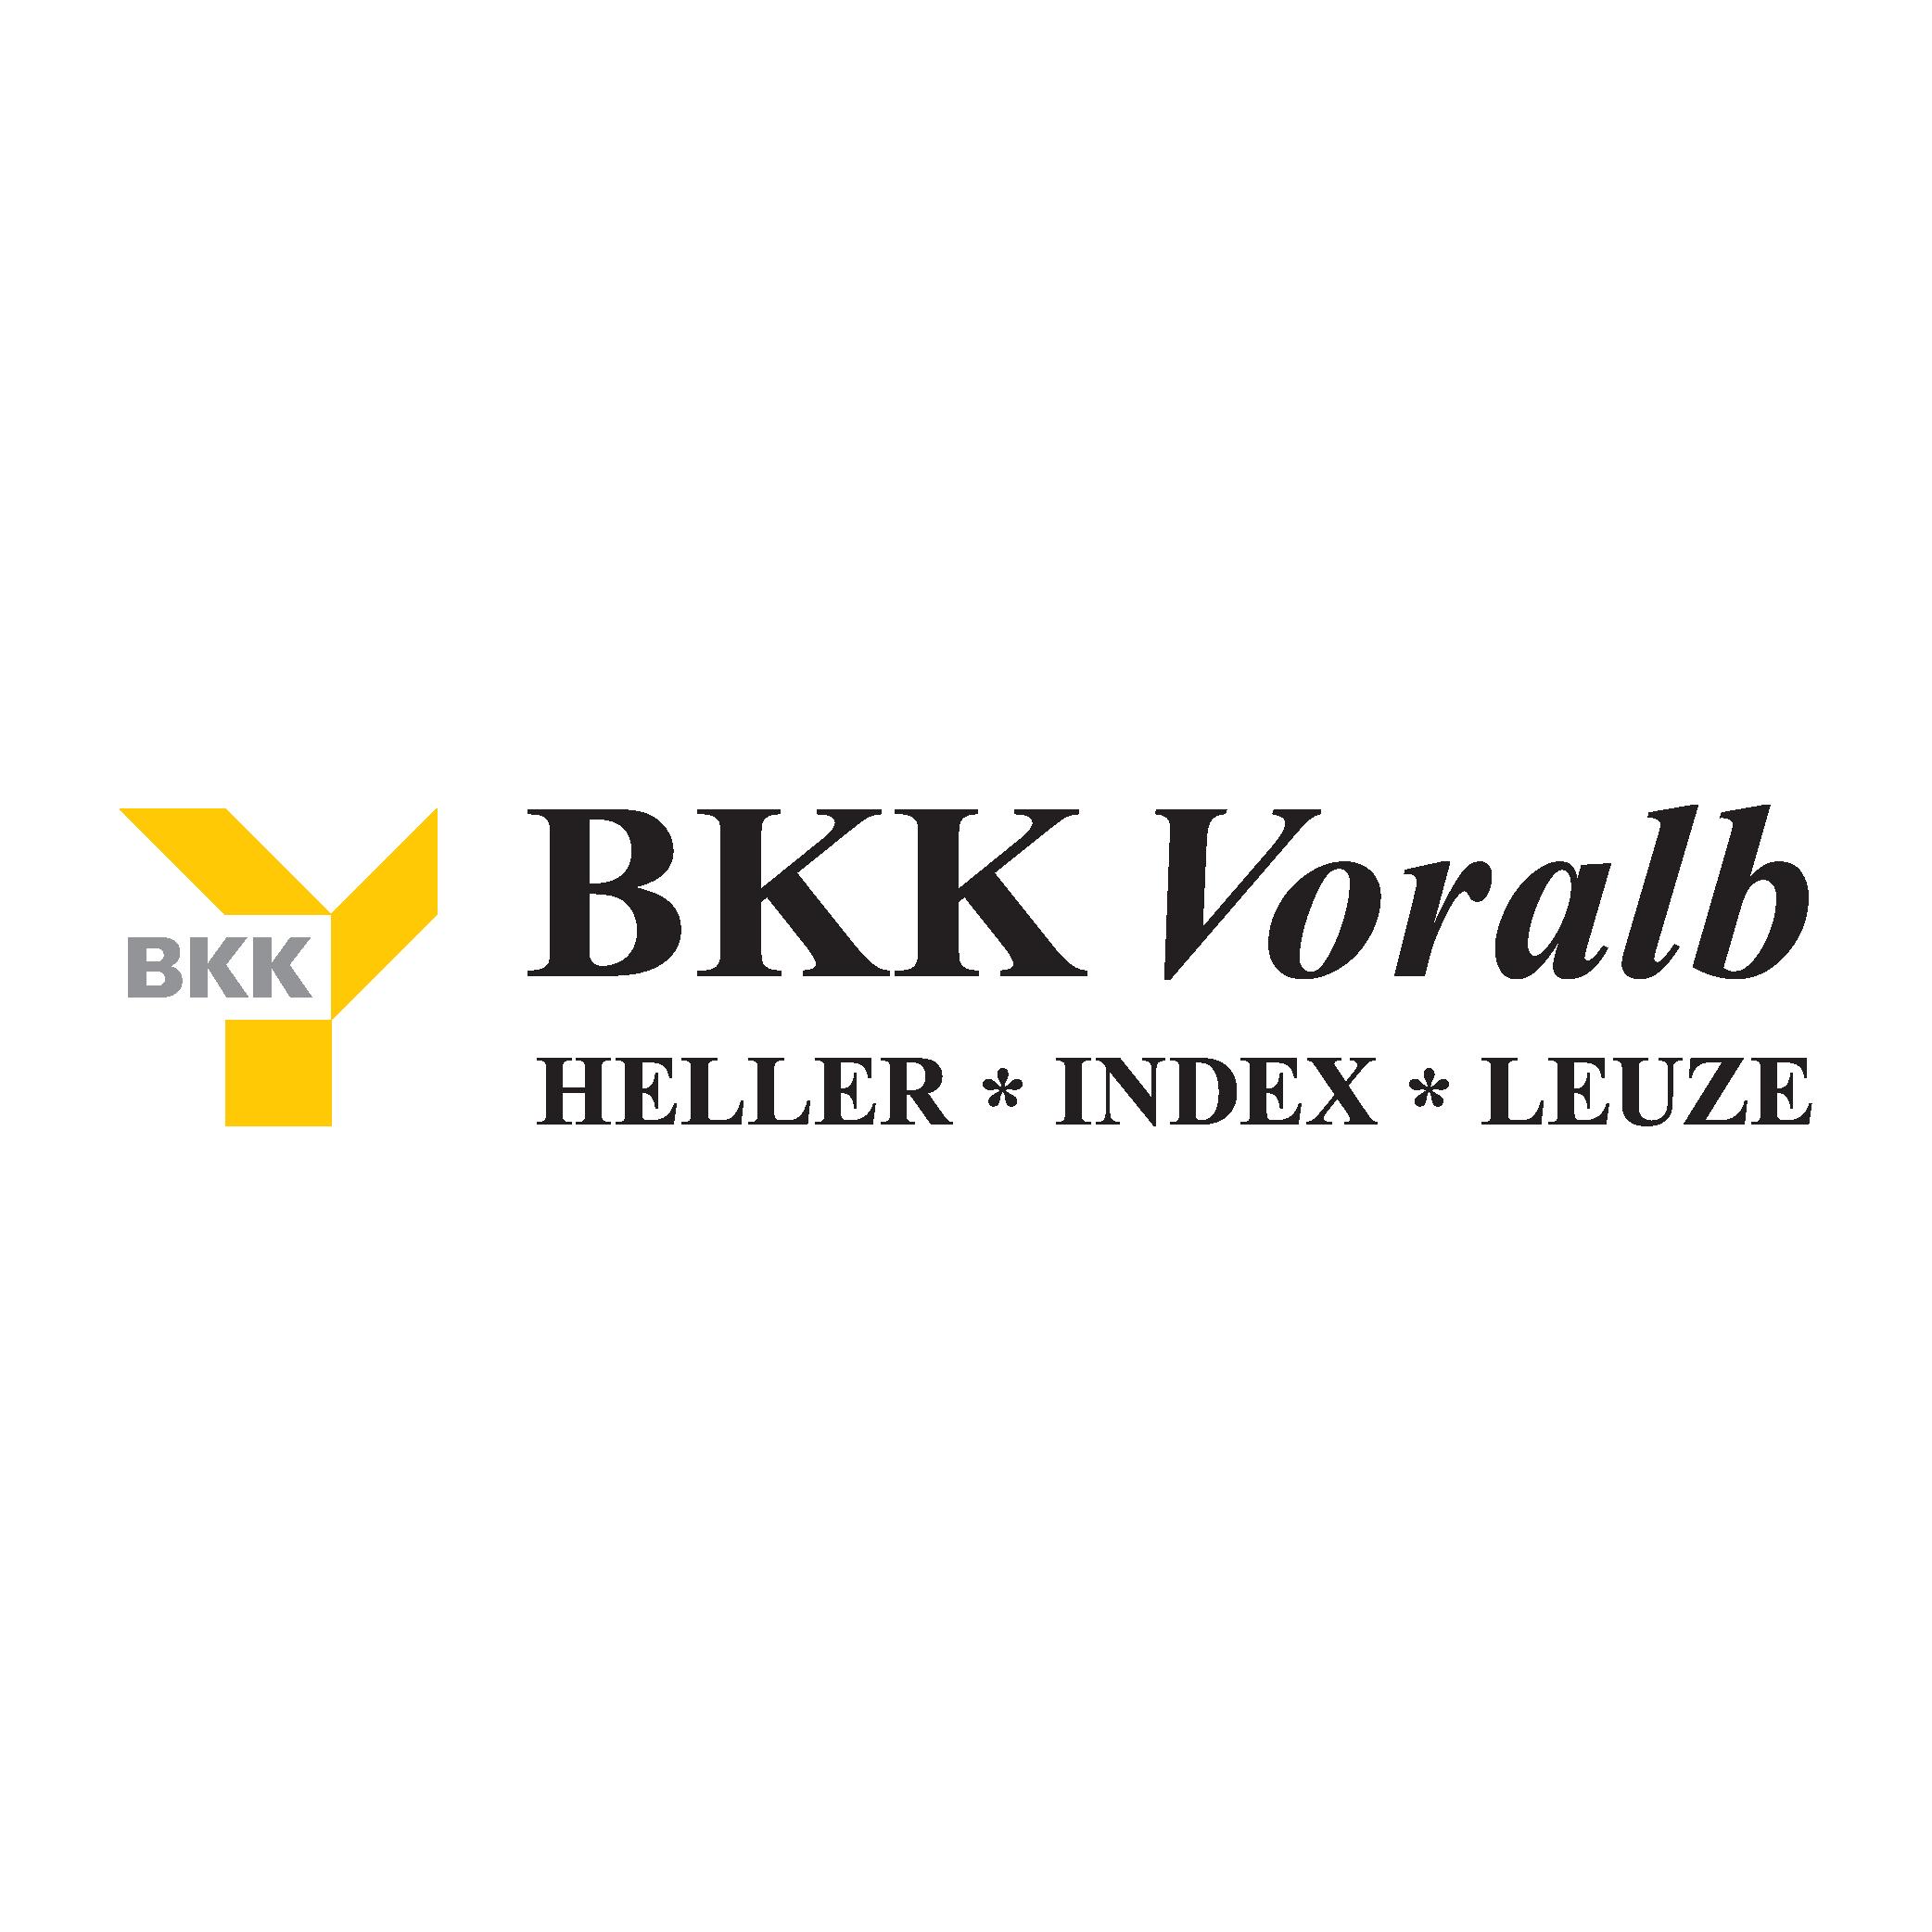 Markenzeichen der BKK Voralb HELLER*LEUZE